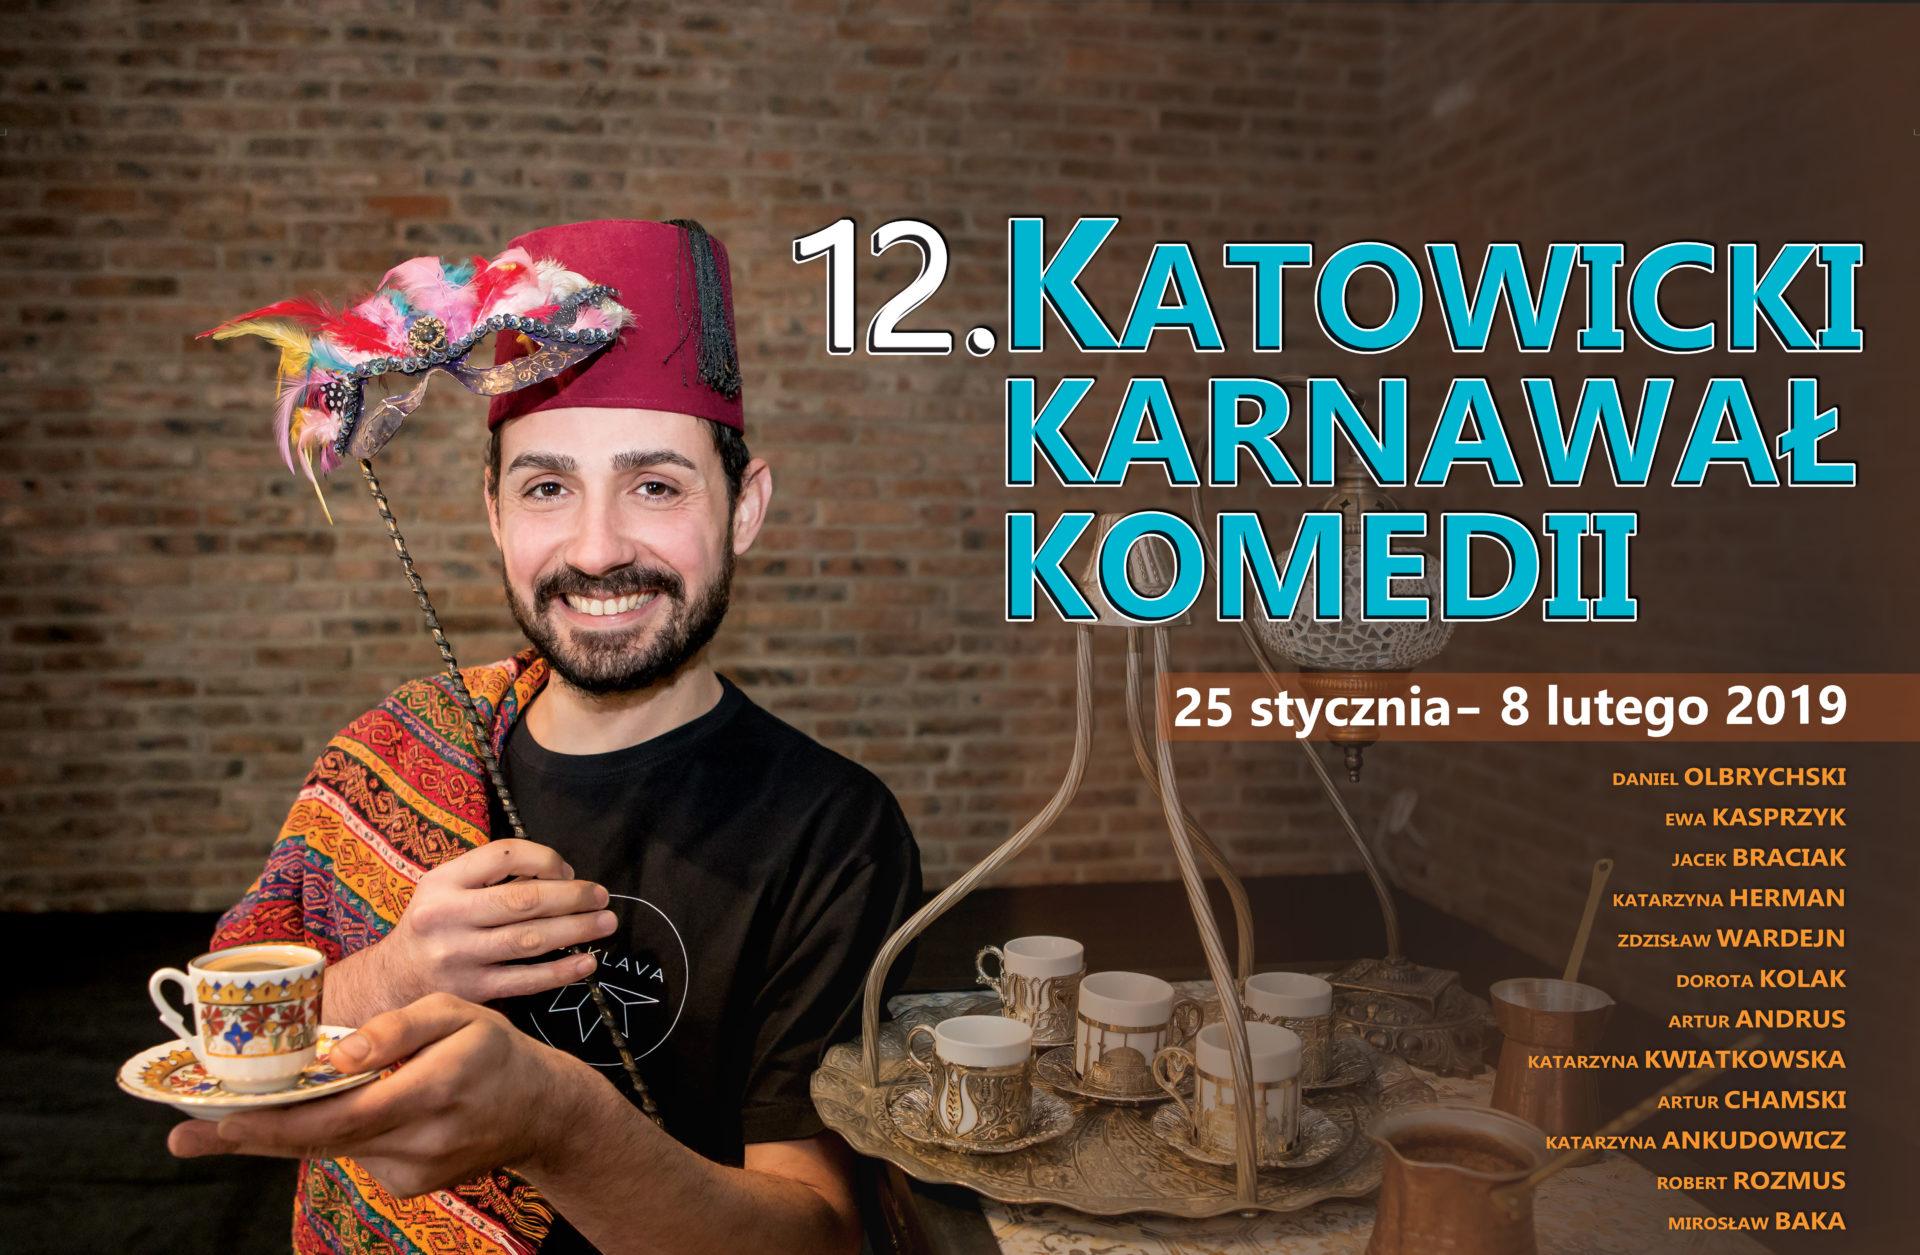 12. Katowicki Karnawał Komedii